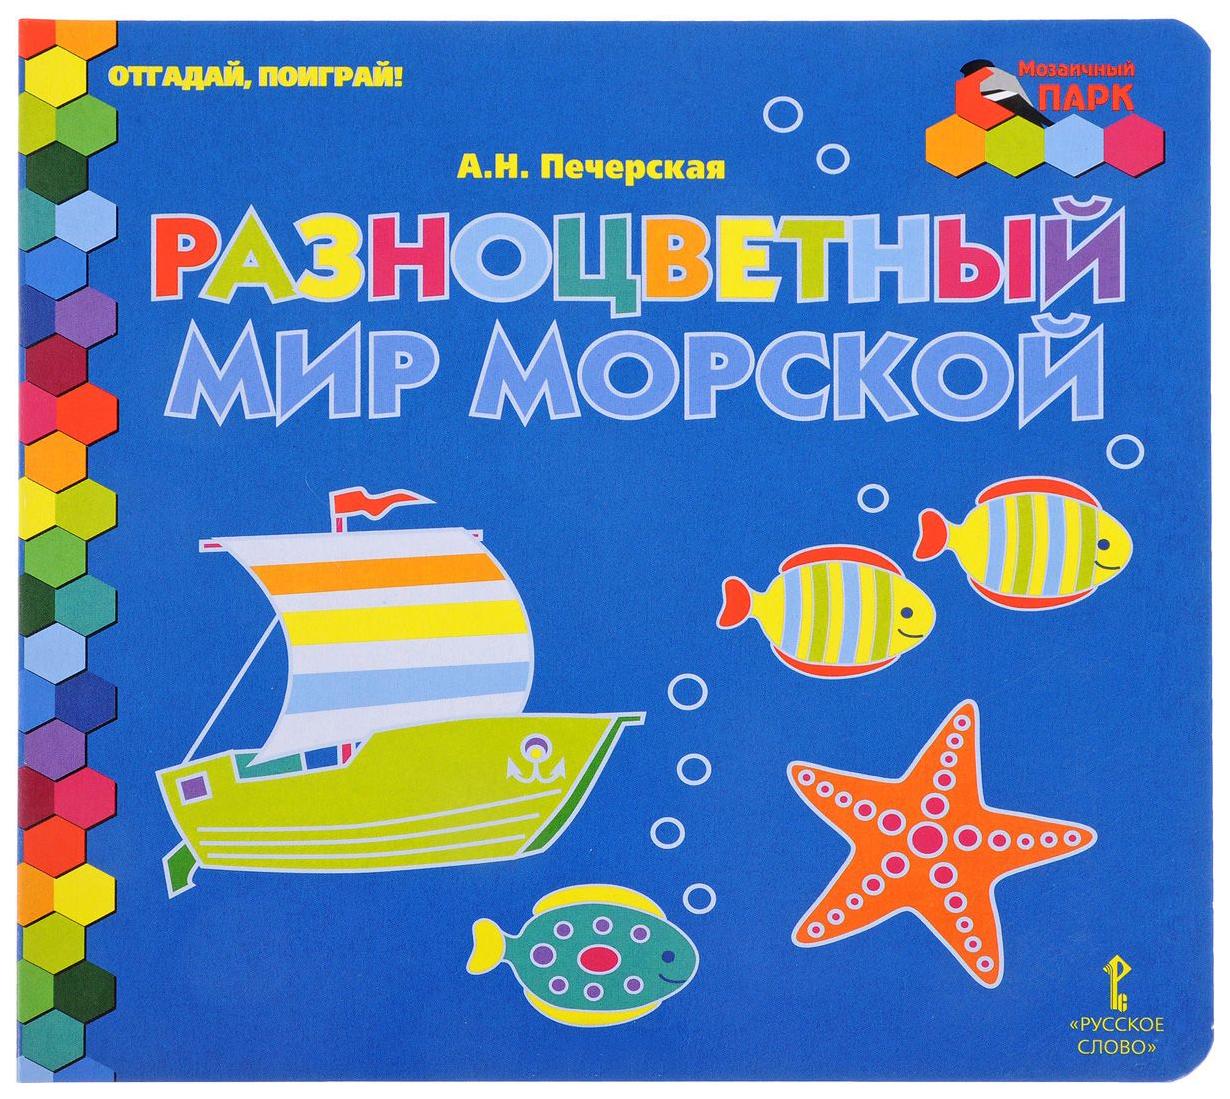 Купить Книга Русское Слово печерская А.Н. Отгадай, поиграй! Разноцветный Мир Морской, Русское слово, Книги по обучению и развитию детей